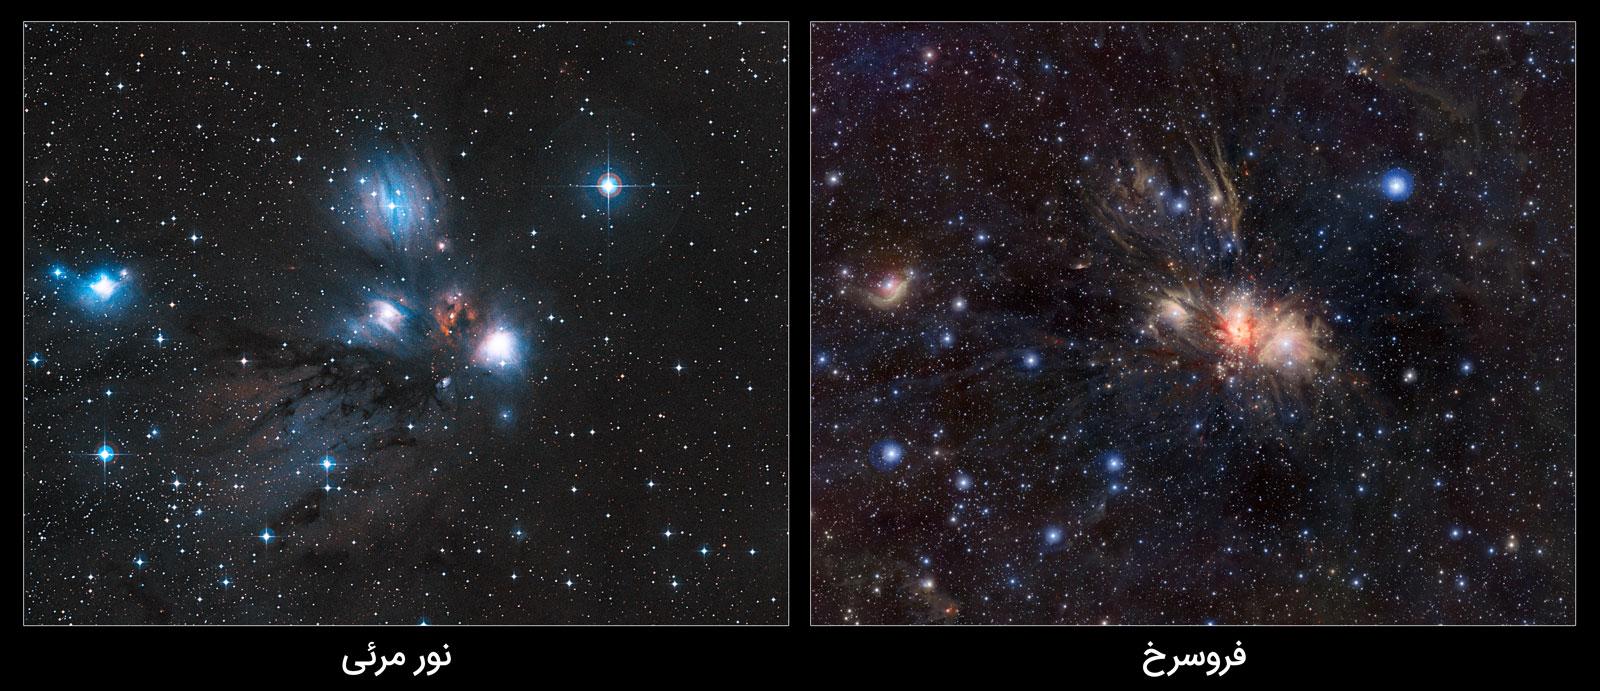 مقایسه تصویر در نور مرئی و فروسرخ